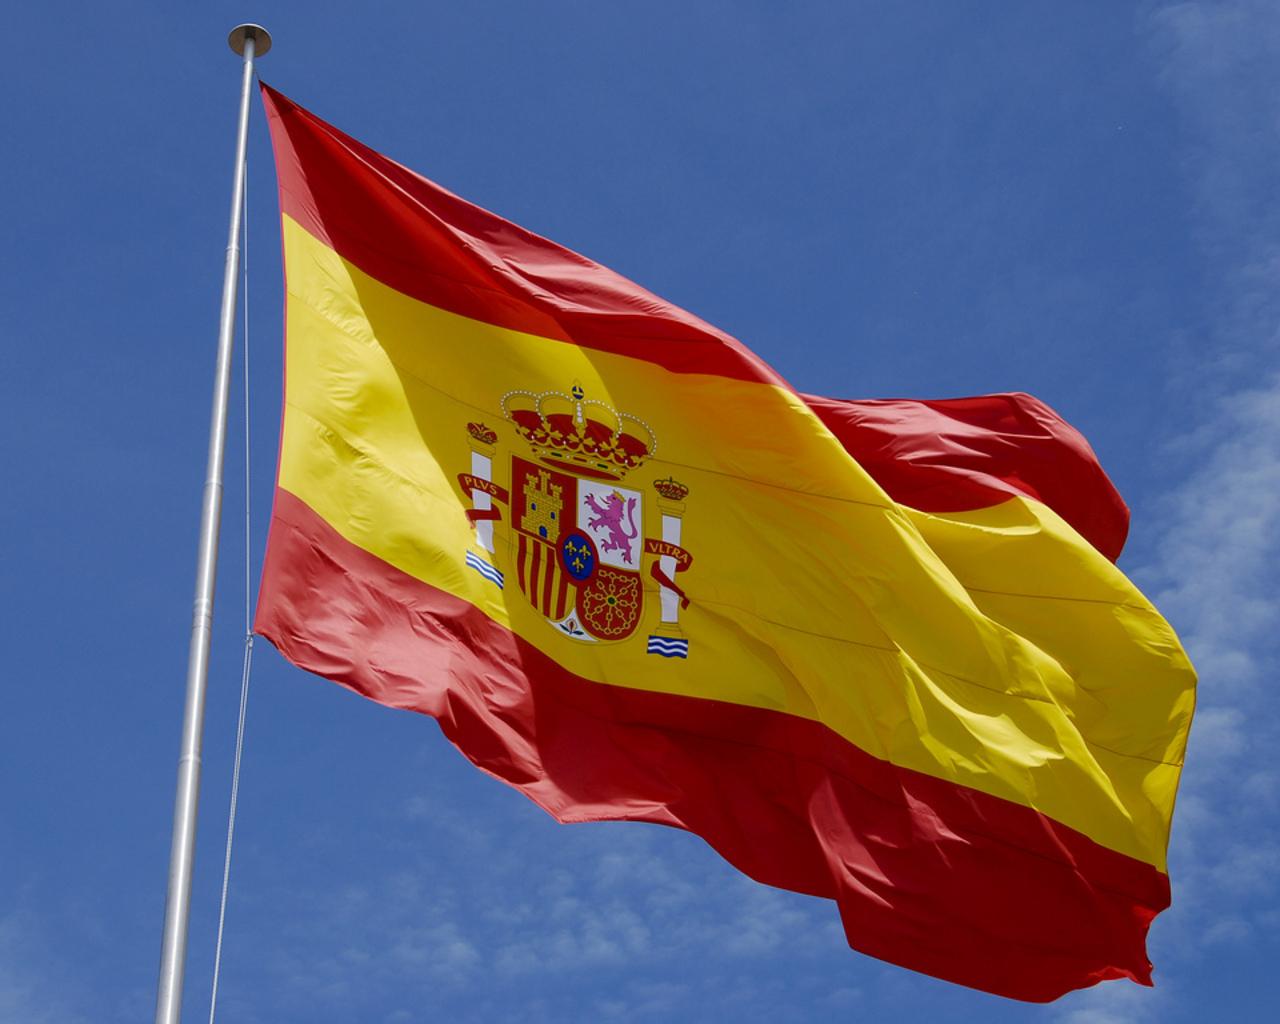 إسبانيا تدين الاعتداء الإرهابي الثاني على مطار أبها